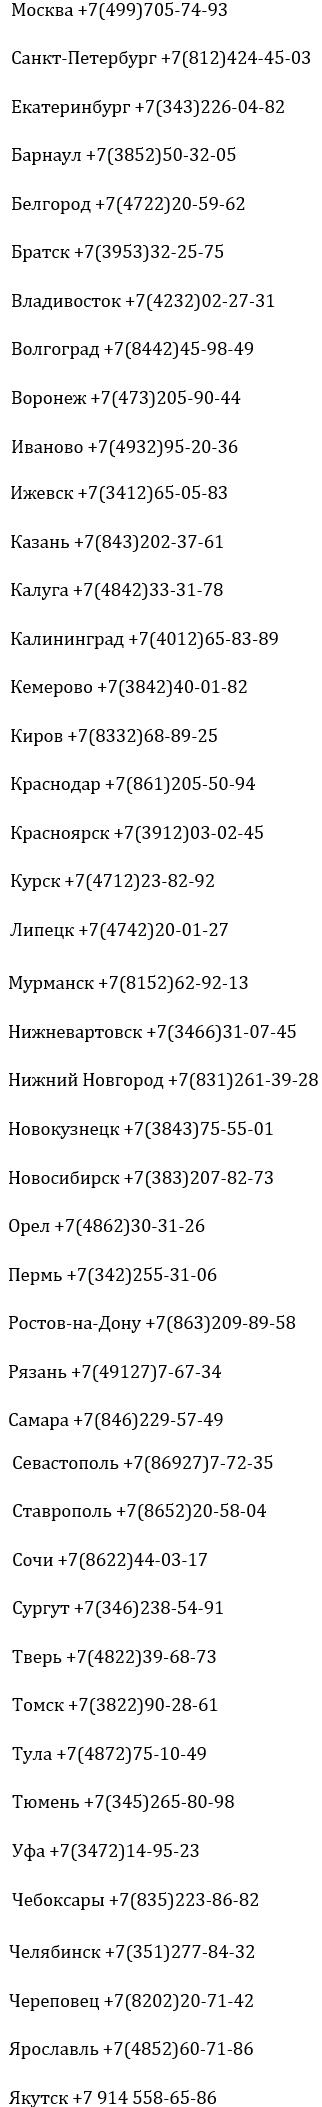 Бесплатные звонки в новый год